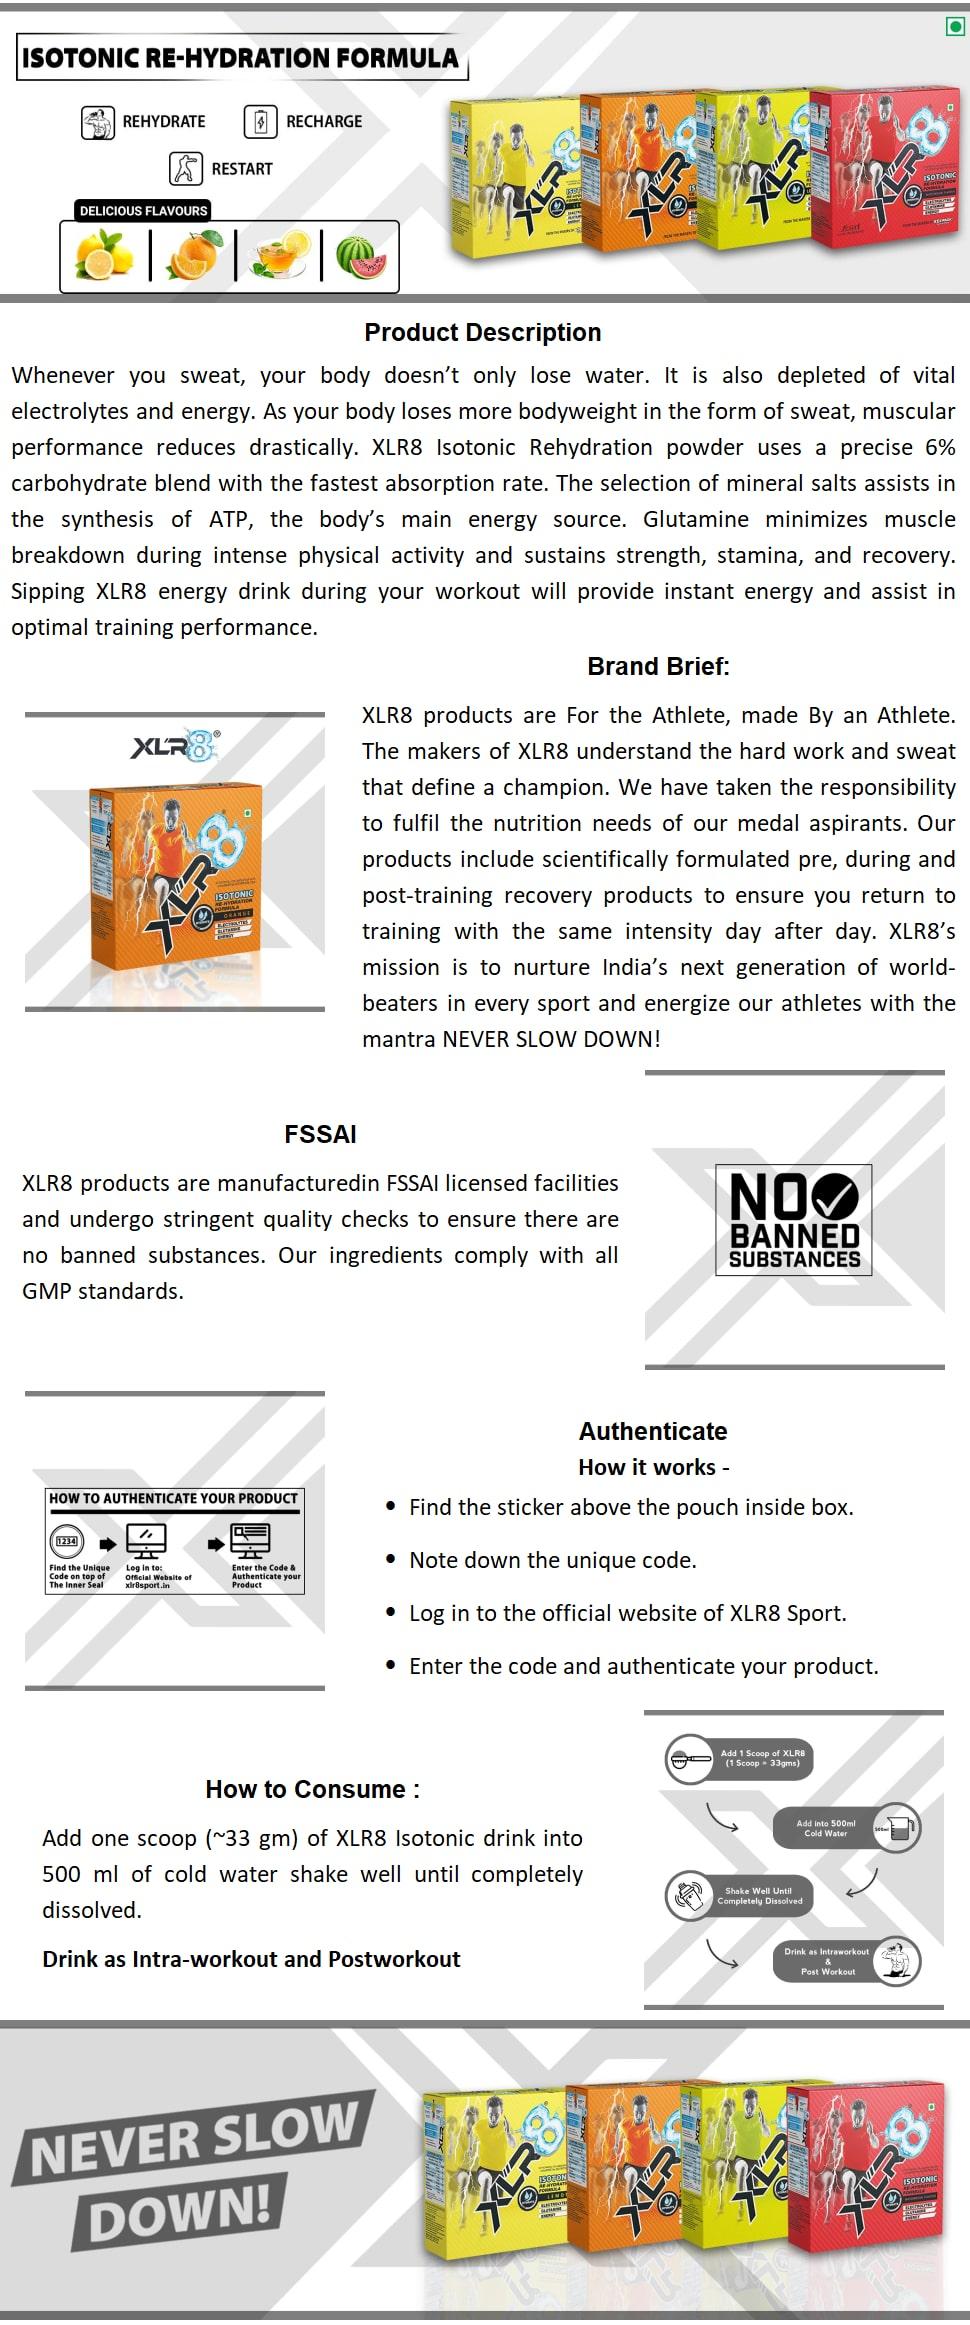 https://assetscdn1.paytm.com/images/catalog/product/F/FA/FASSIX-PACK-NUTSIX-874078799B1C1/51.png